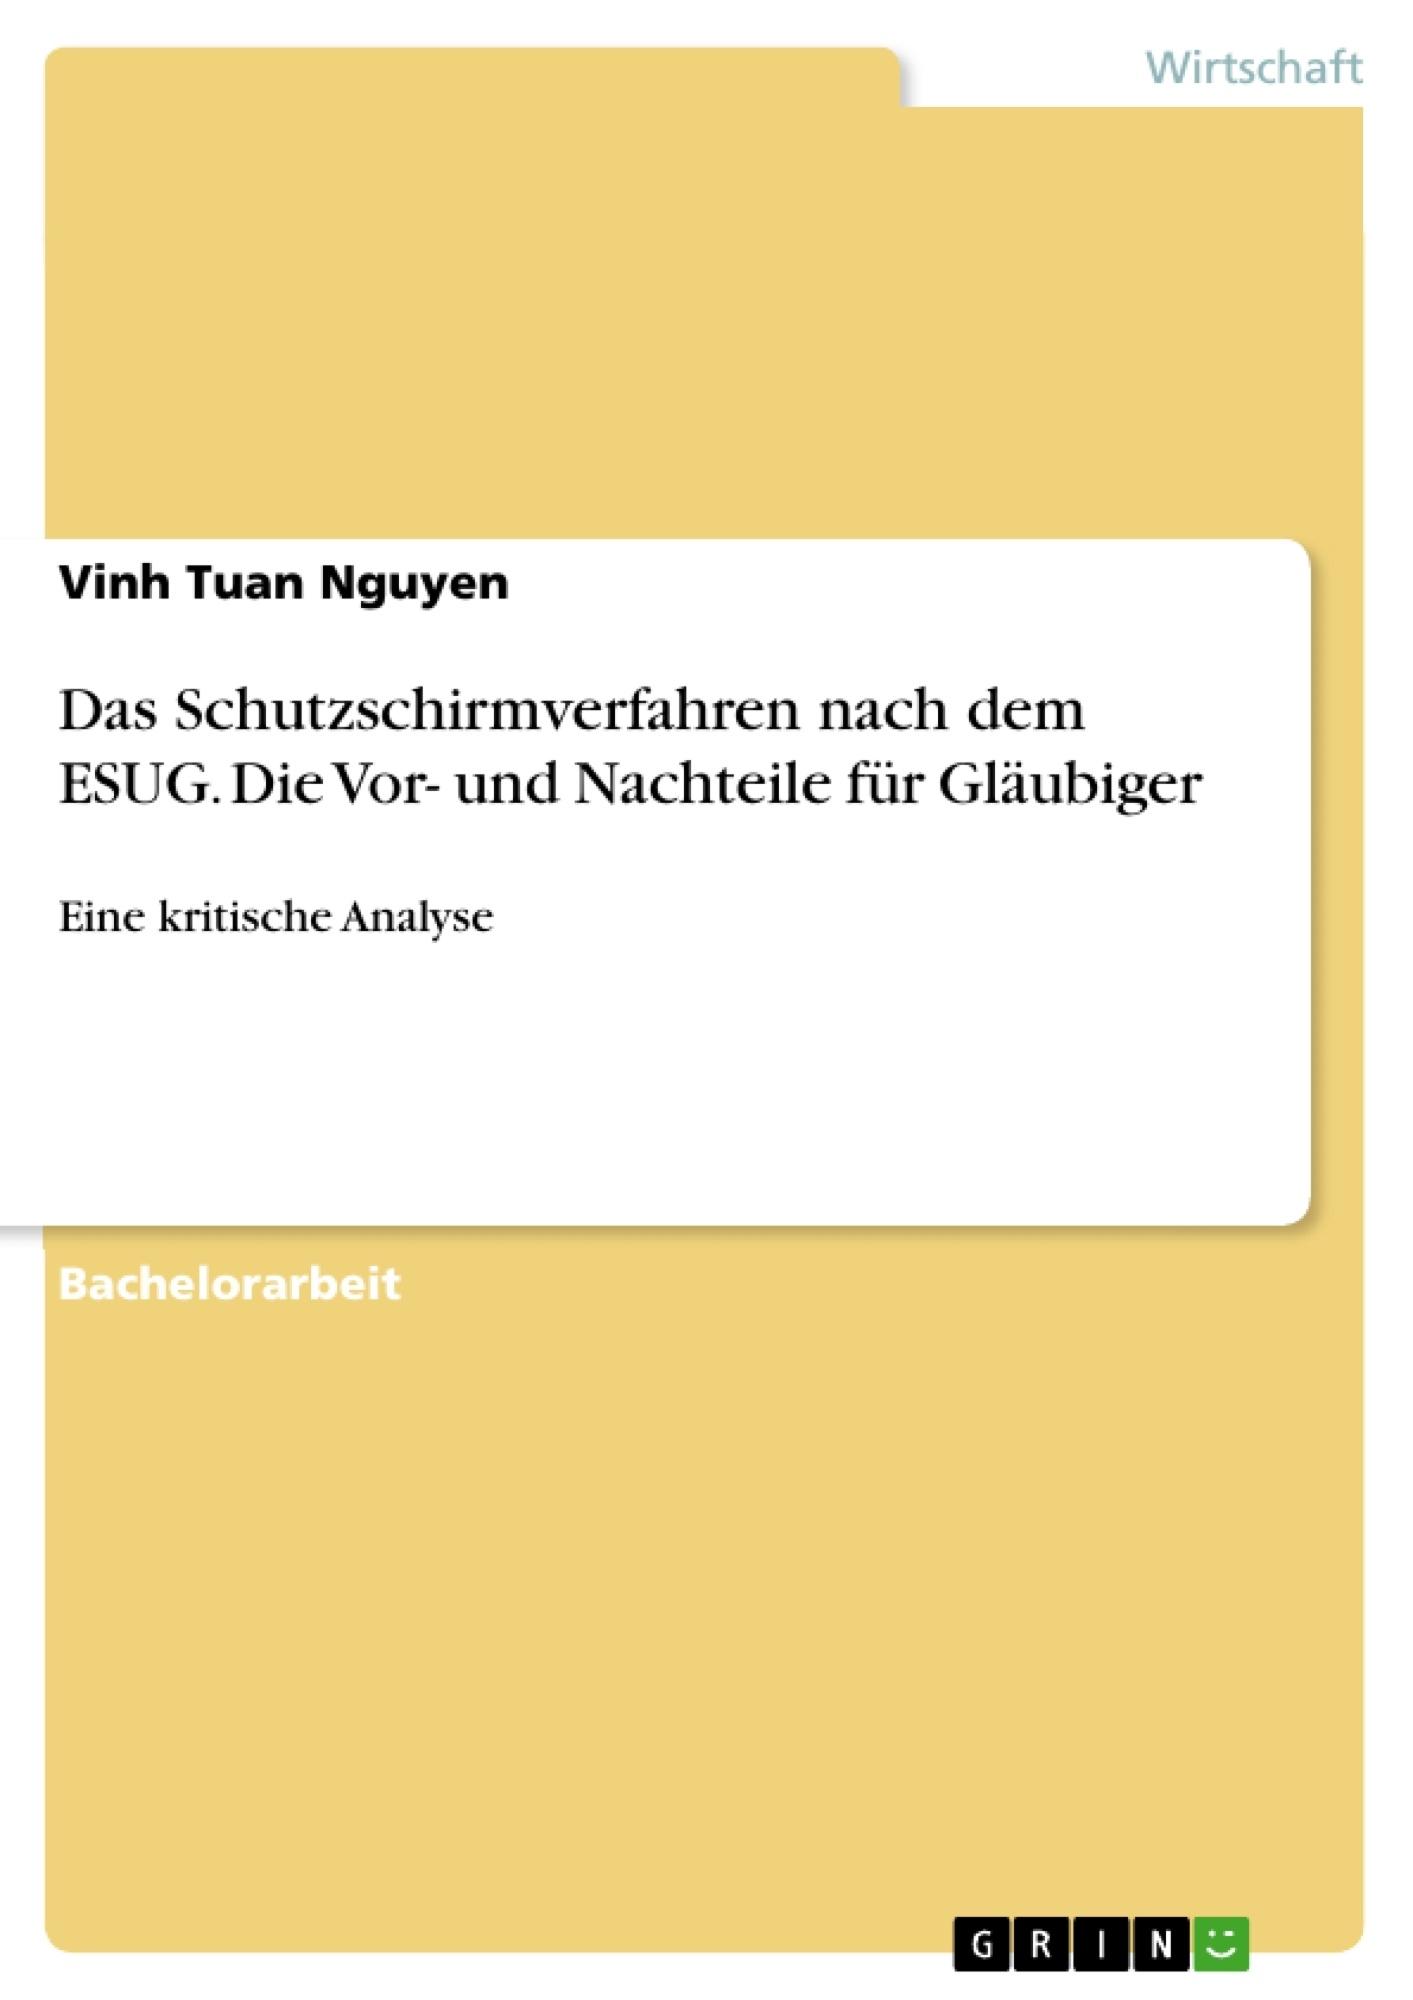 Titel: Das Schutzschirmverfahren nach dem ESUG. Die Vor- und Nachteile für Gläubiger